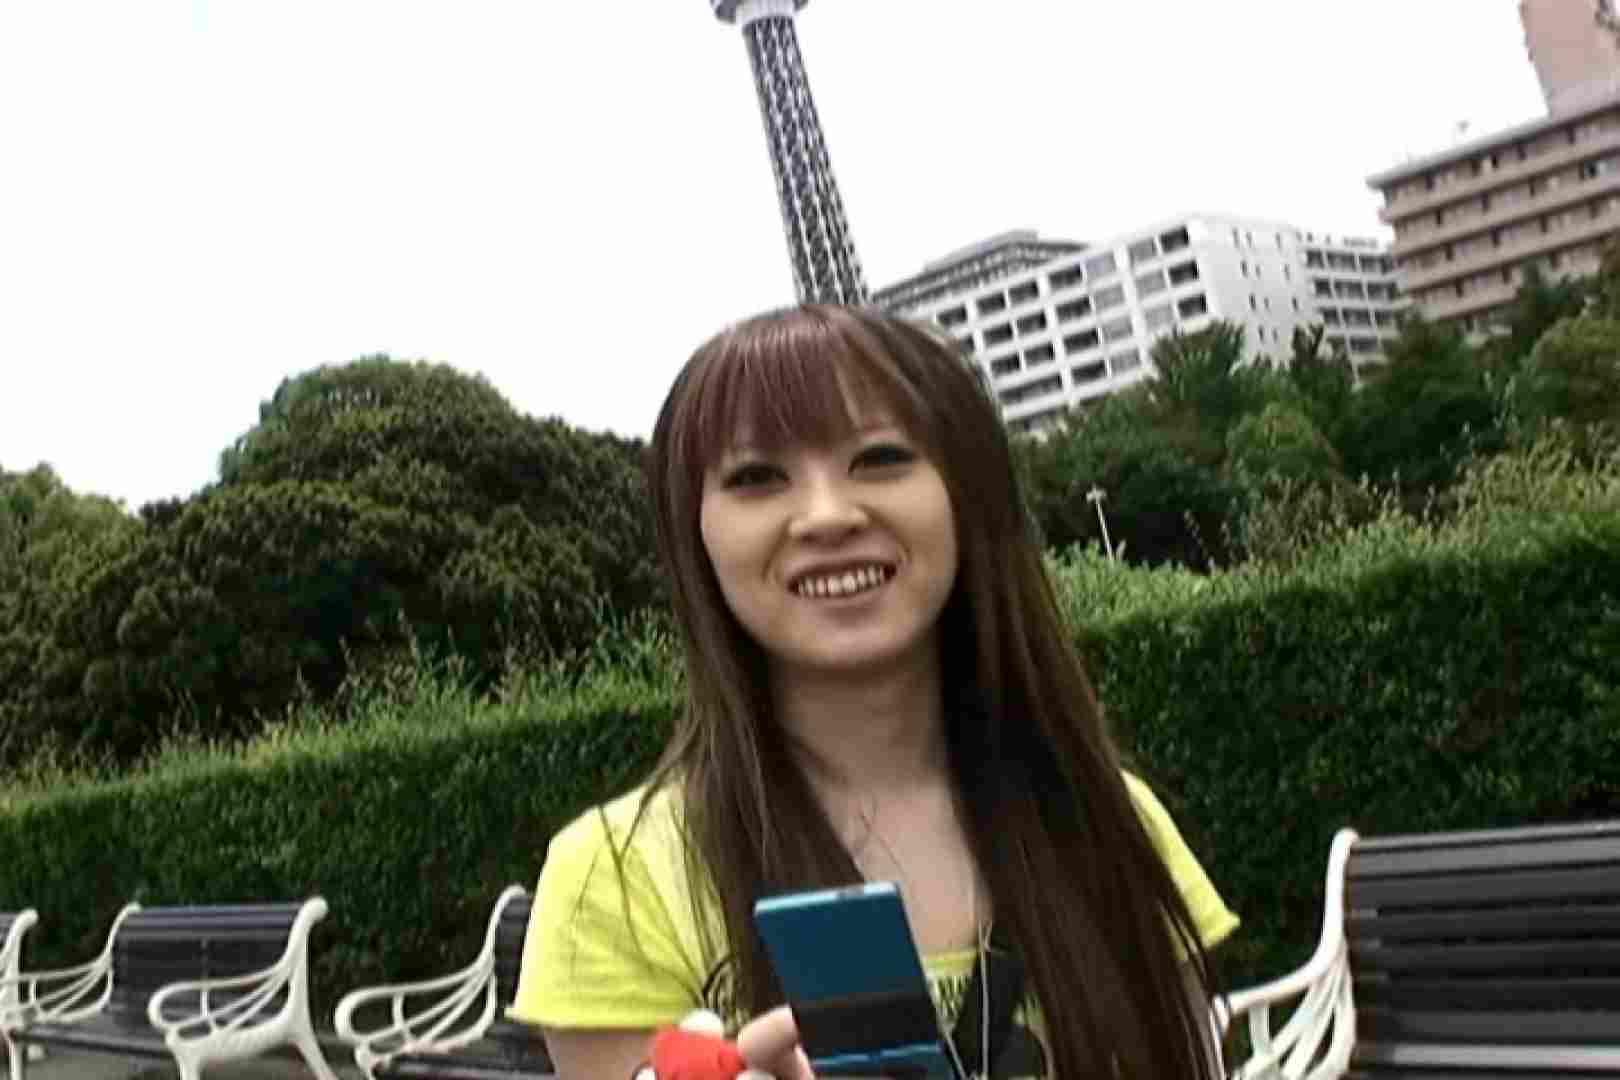 ハイビジョンパンチラ オッテQさんの追跡パンチラ夜の街編 盗撮 性交動画流出 108pic 56